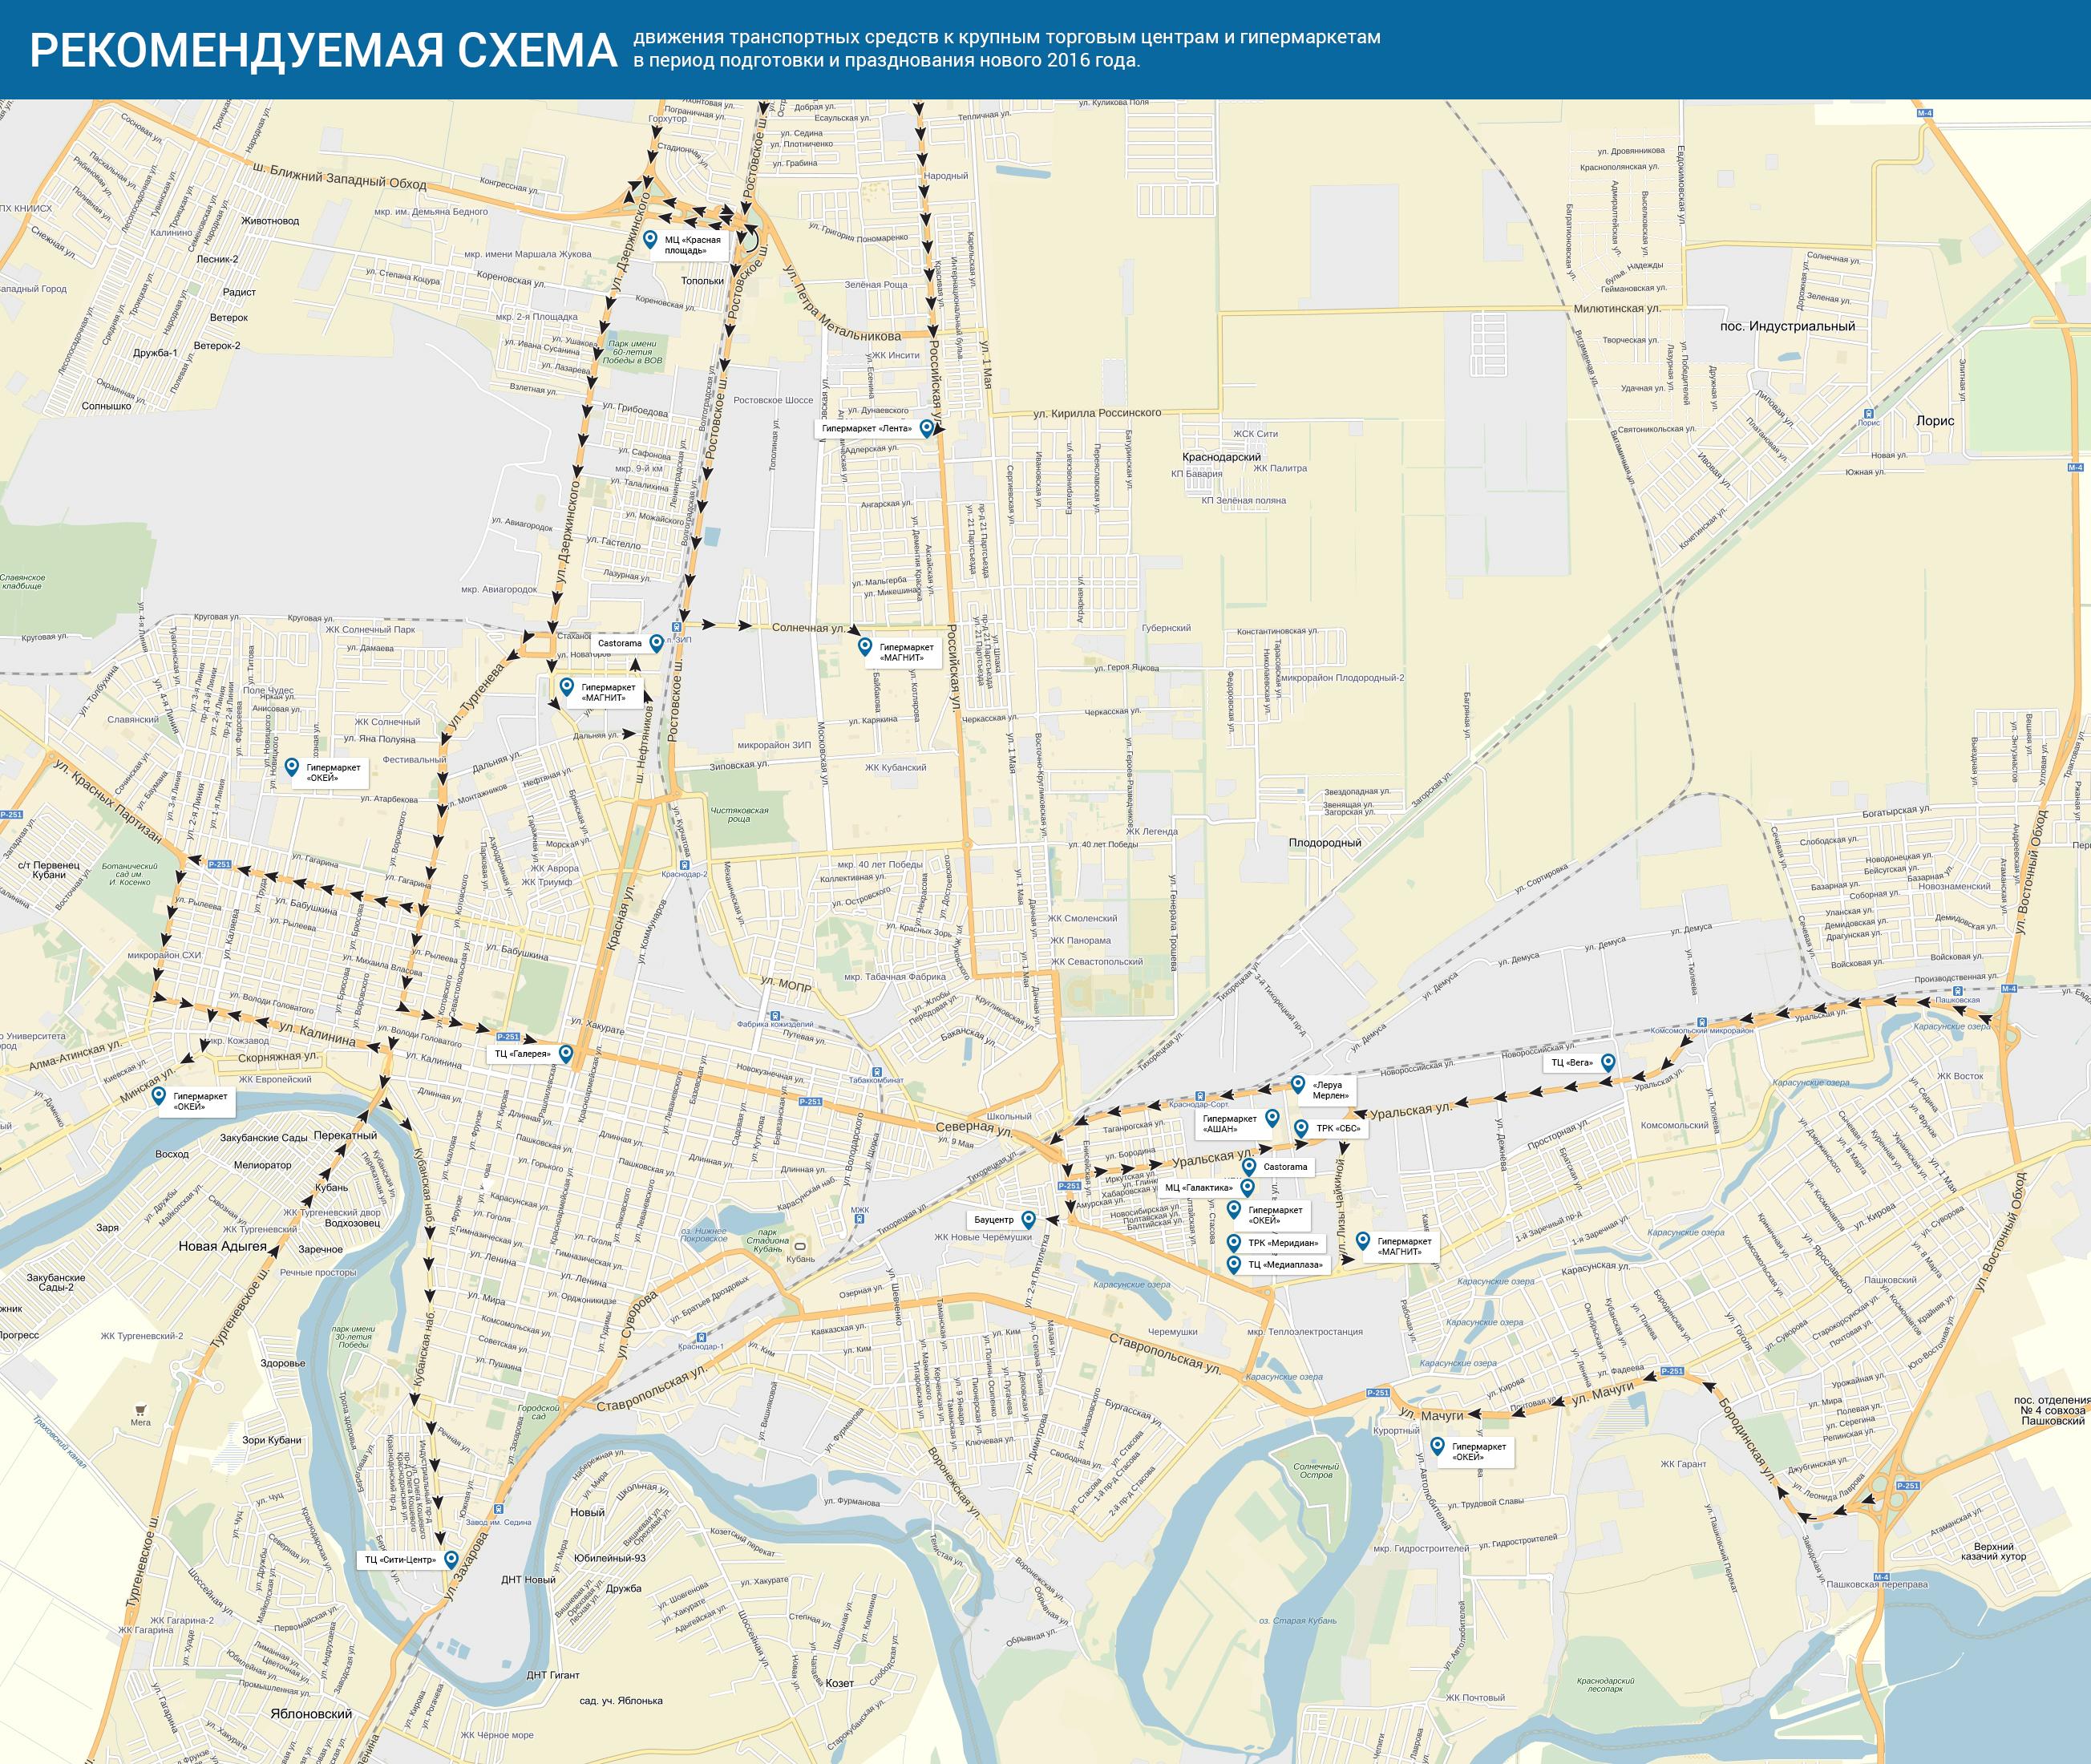 Подробная карта города краснодара с улицами фото